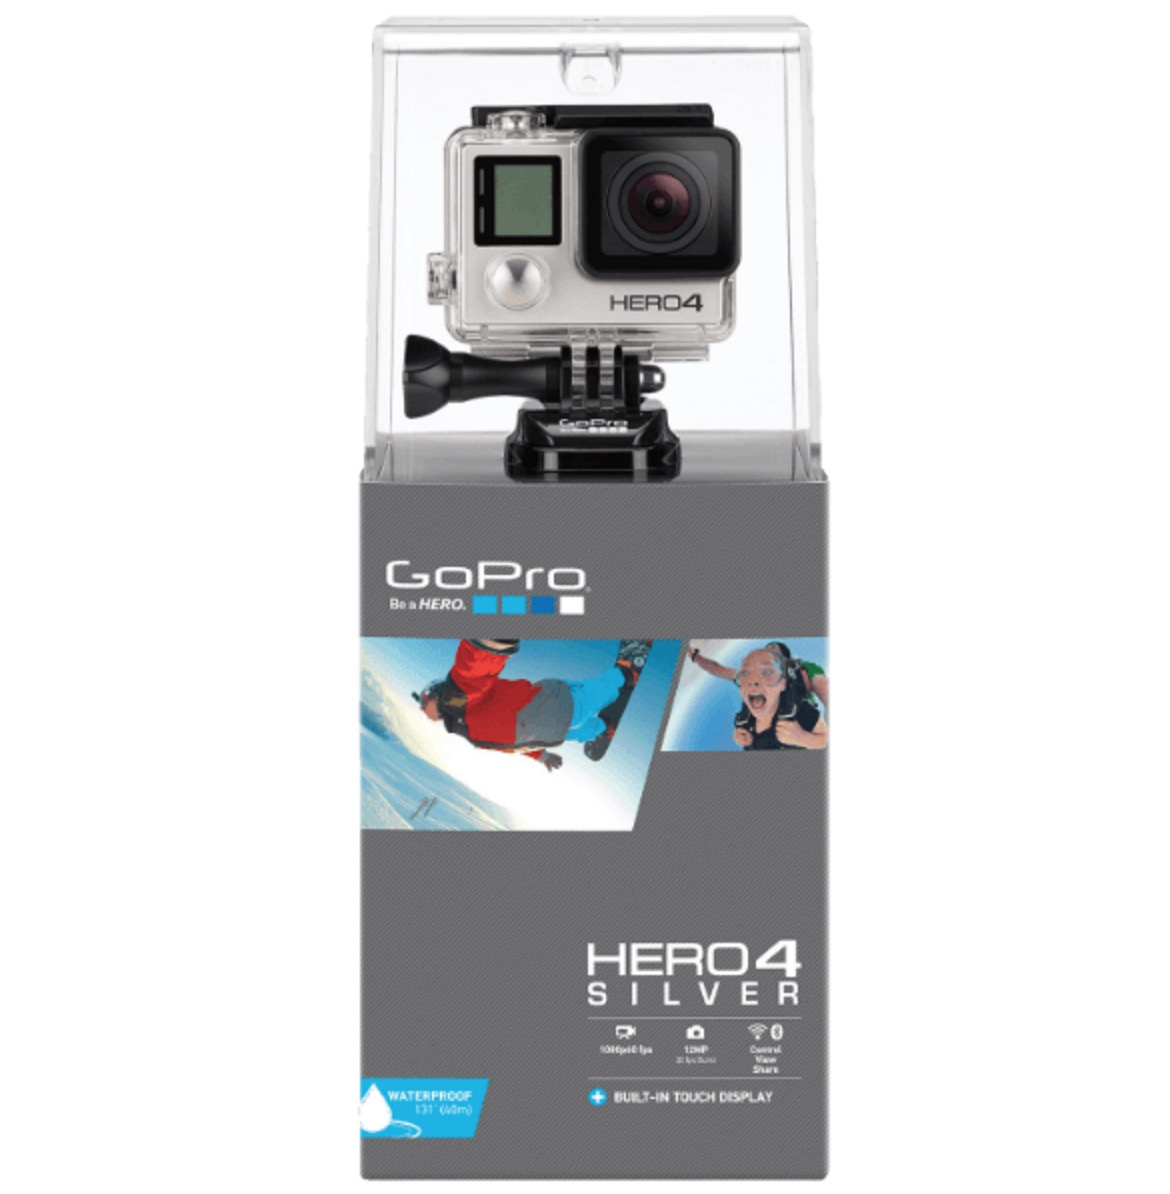 GOPRO Hero4 Silver Adventure Edition + 2x Samsung Evo+ 64GB Speicherkarte für nur 332,98 Euro inkl. Versand